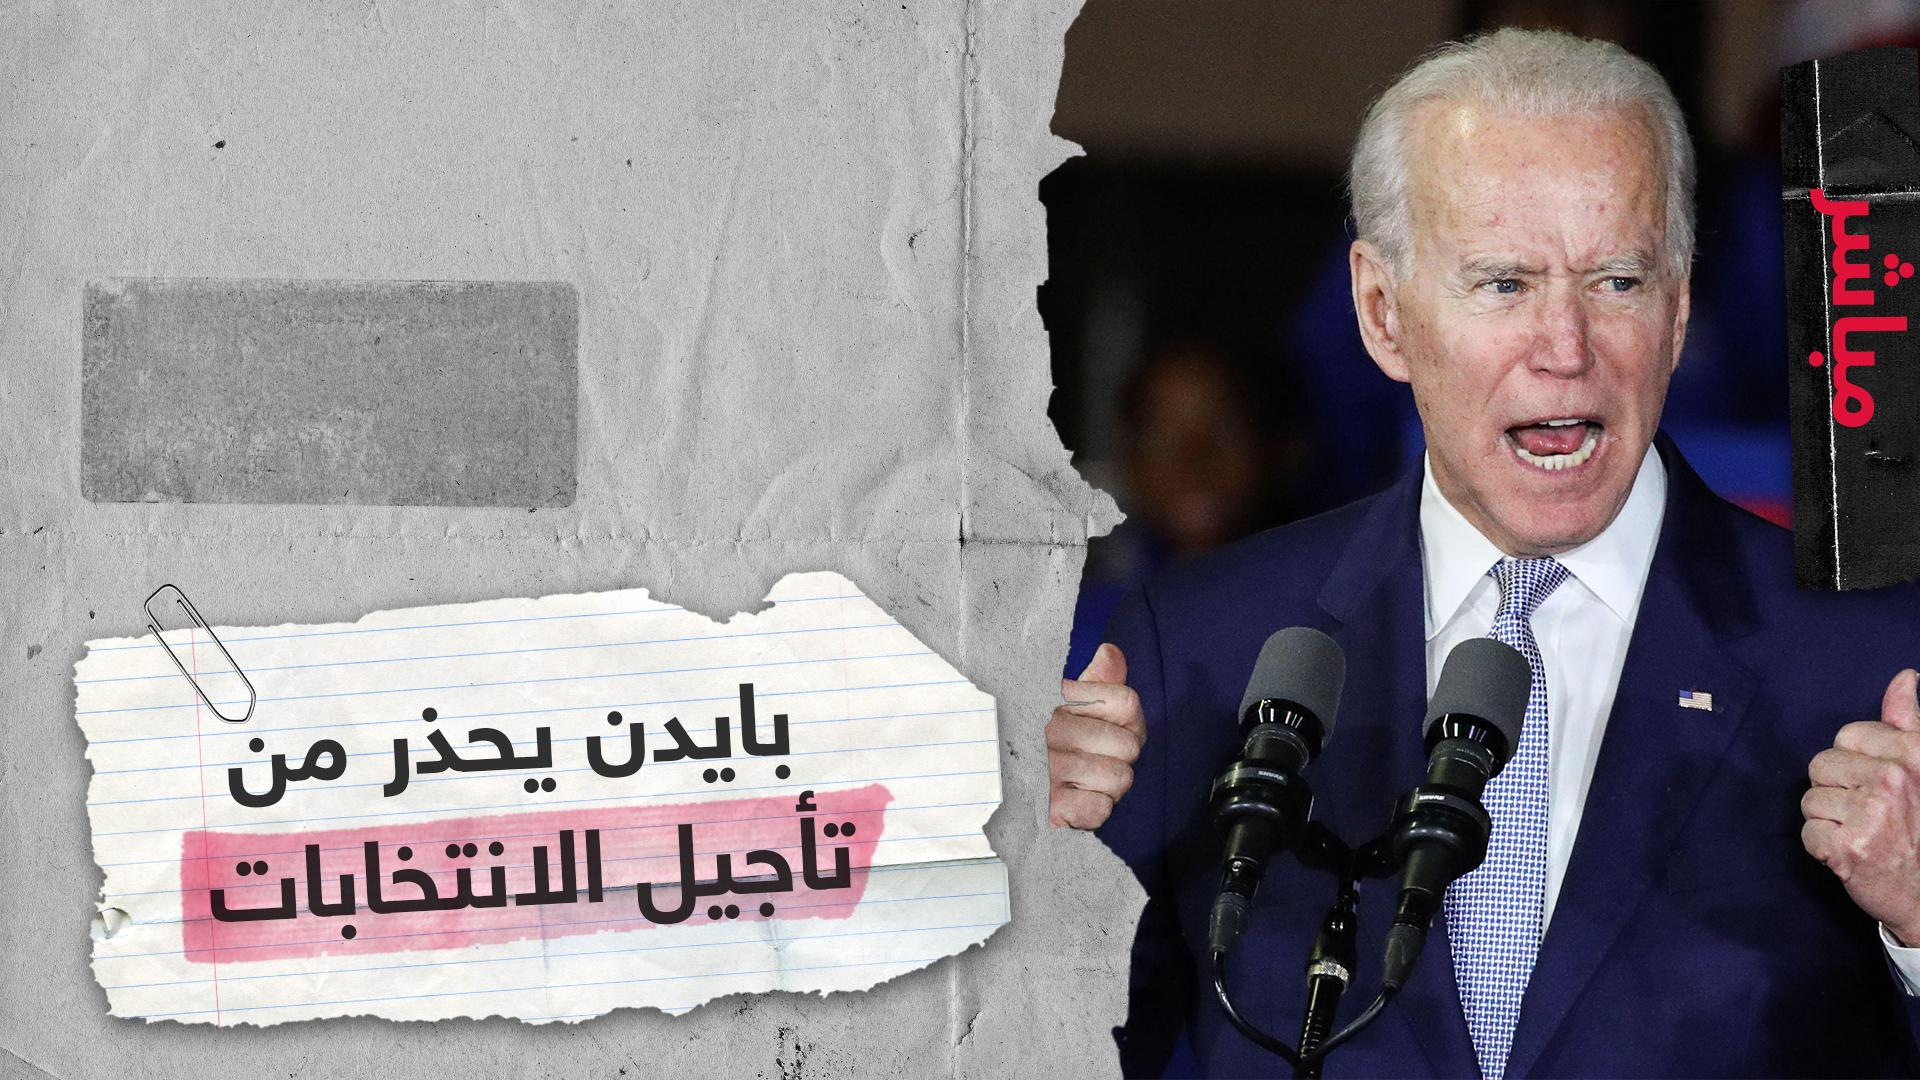 جو بايدن يحذر من محاولة ترامب تأجيل الانتخابات الرئاسية